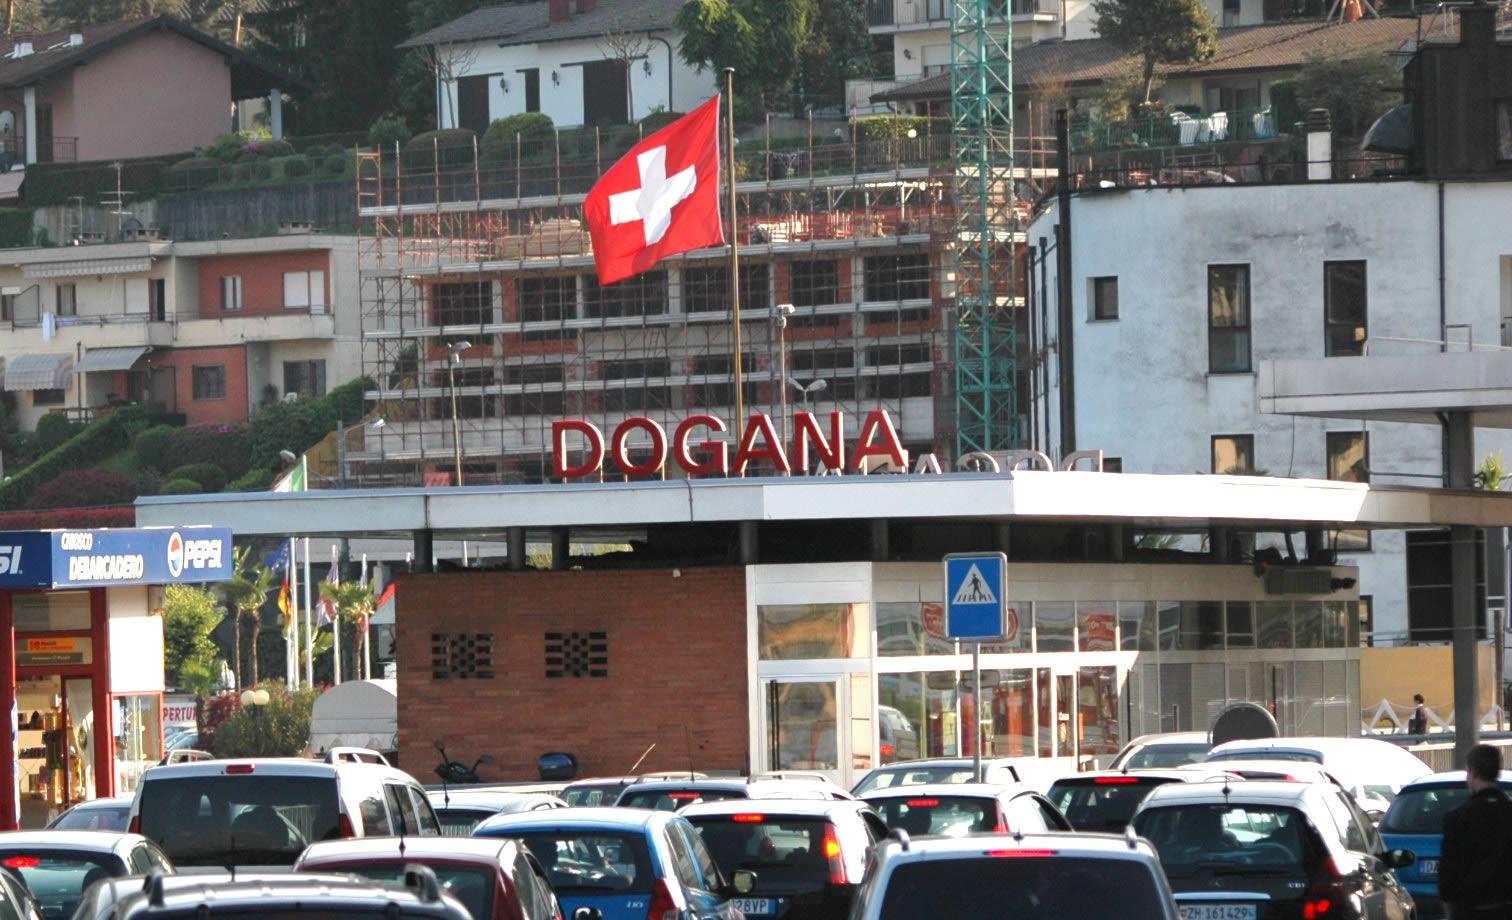 Spogliata e umiliata alla dogana svizzera - Dogana svizzera cosa si puo portare ...